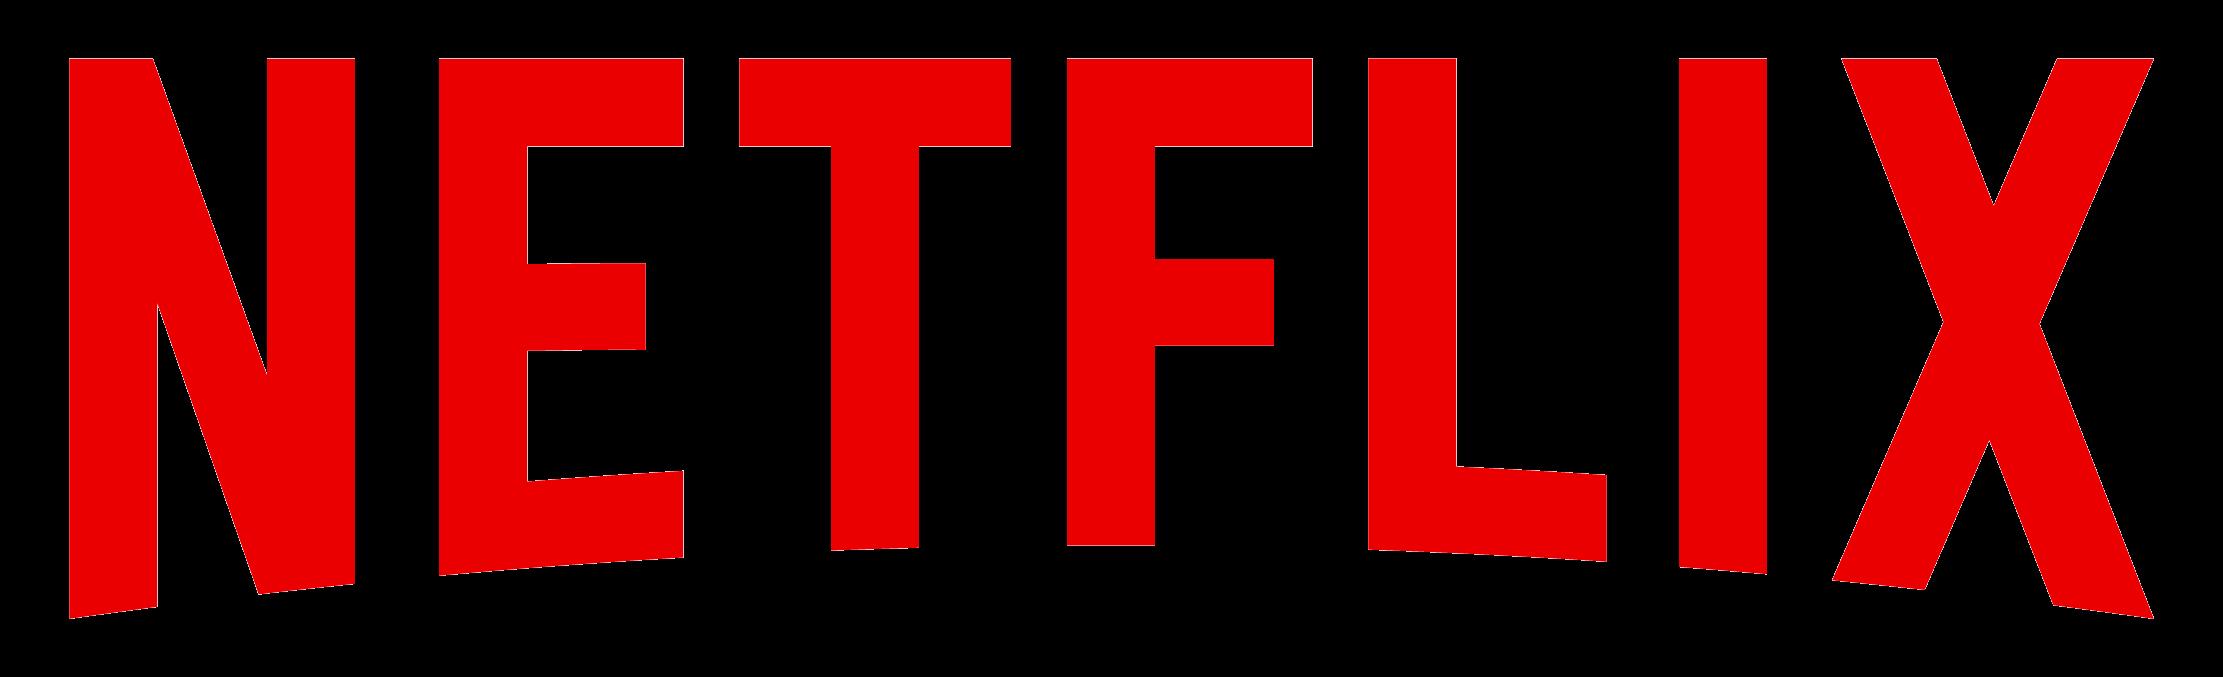 LOGO NETFLIX   Netflix, Tv show logos, Tv shows online - Netflix TV Logo